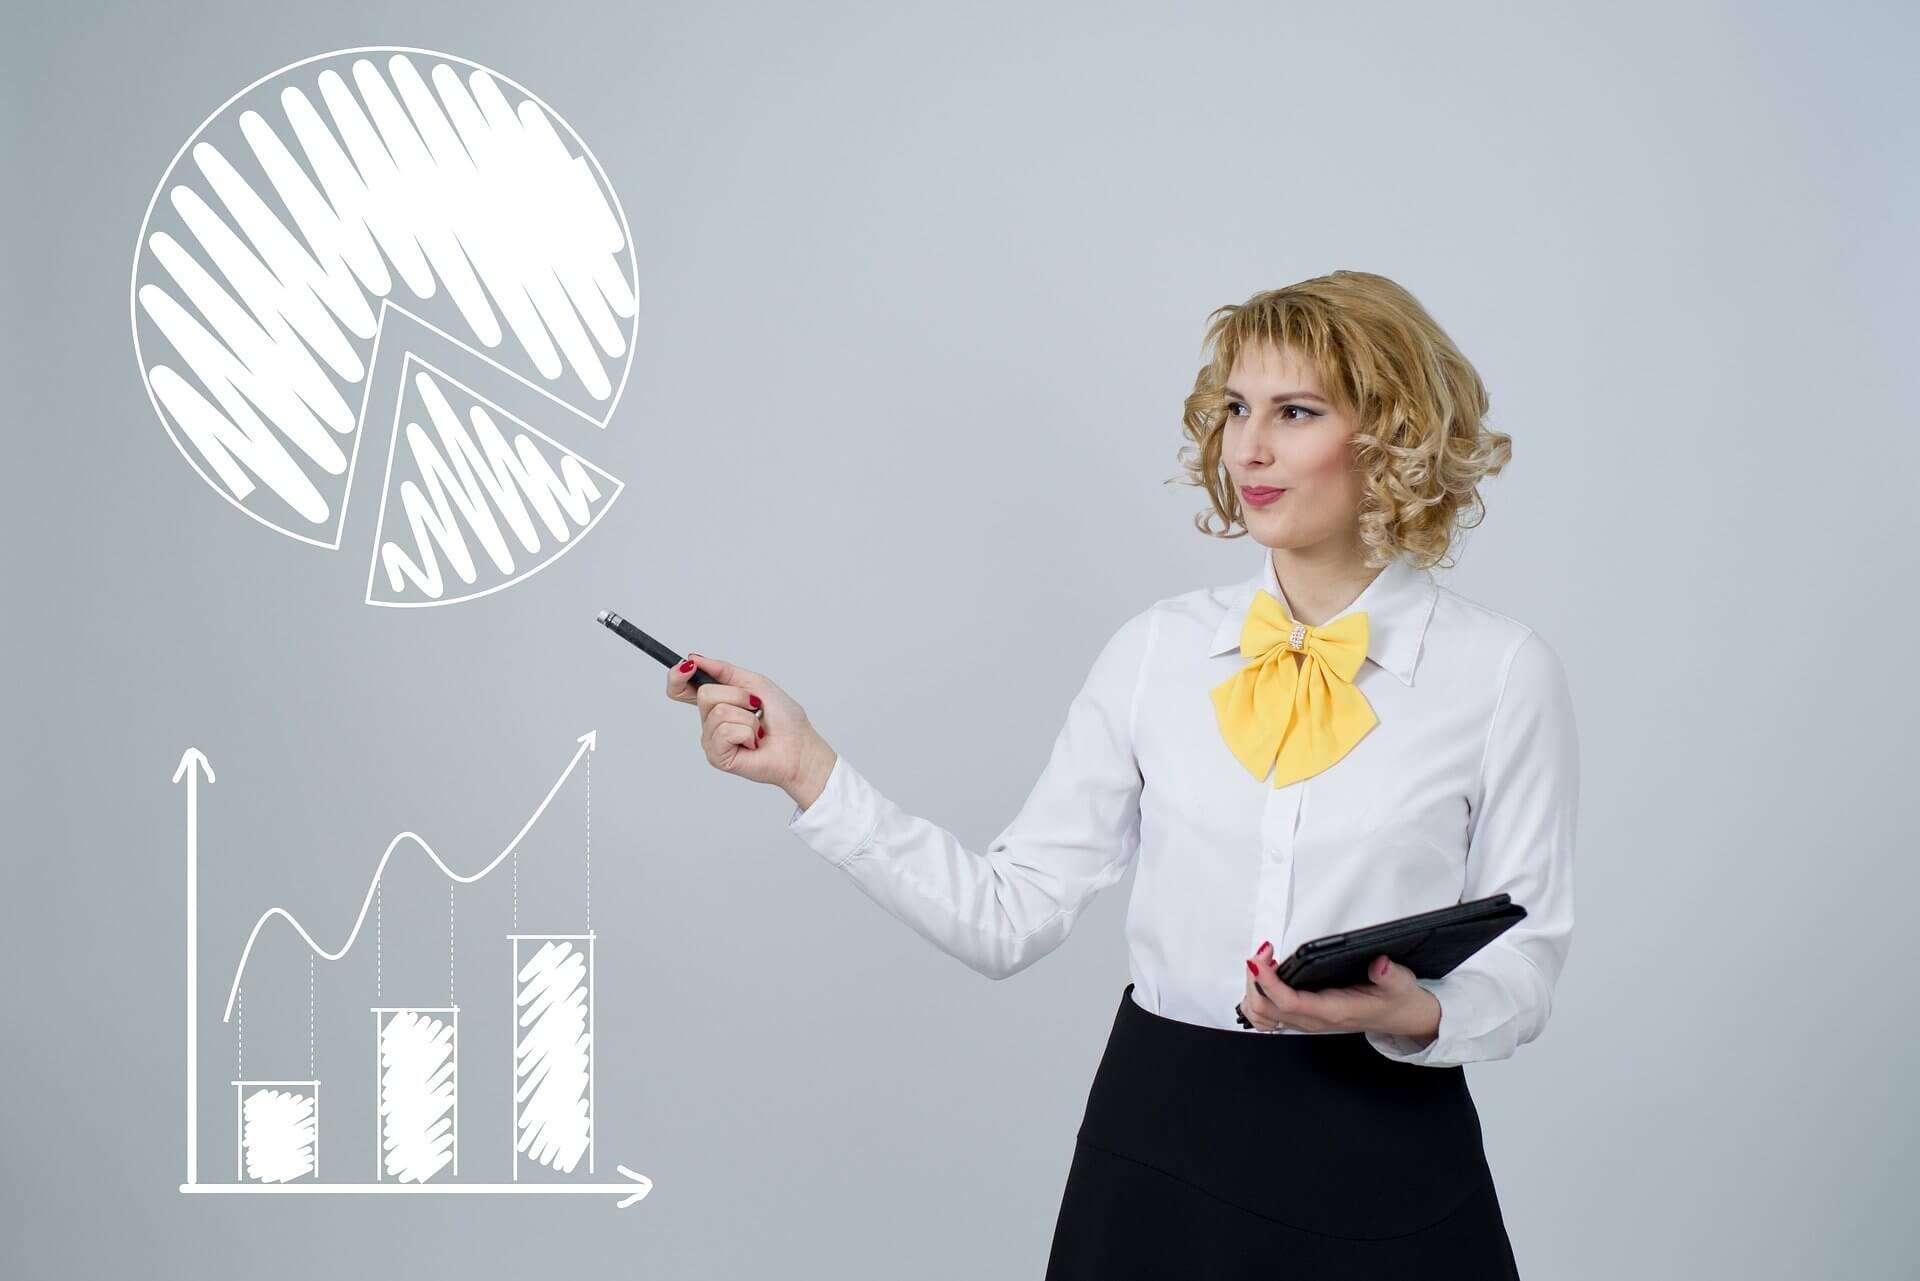 Vale a pena mudar de país para ir para um emprego melhor? 5 pontos para analisar